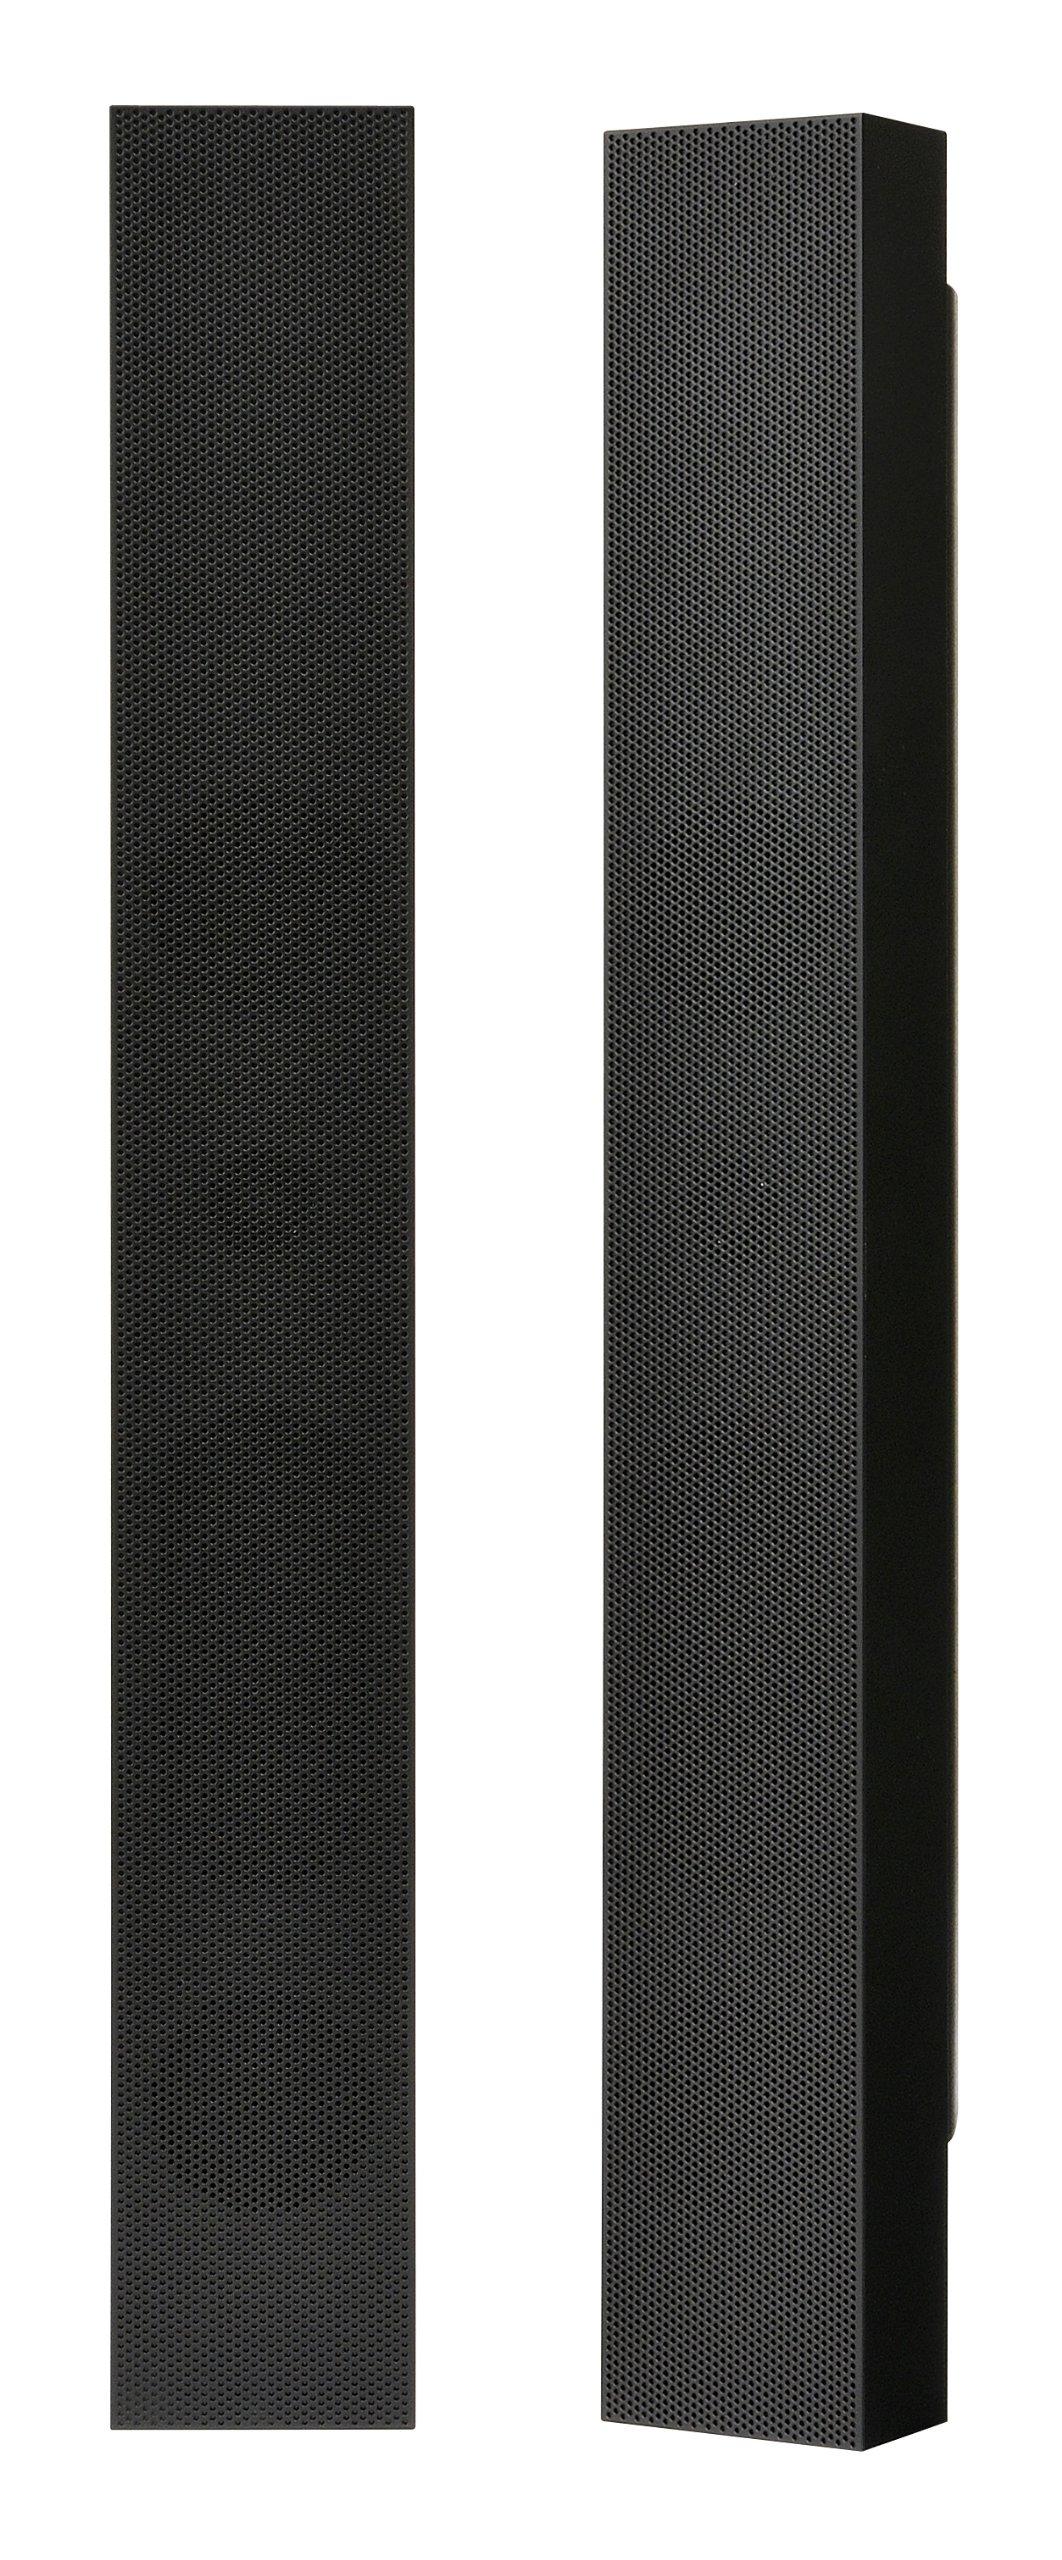 SP-RM1 - Lautsprecher - für MULTEOS M521; MultiSync P701, P701-AVT